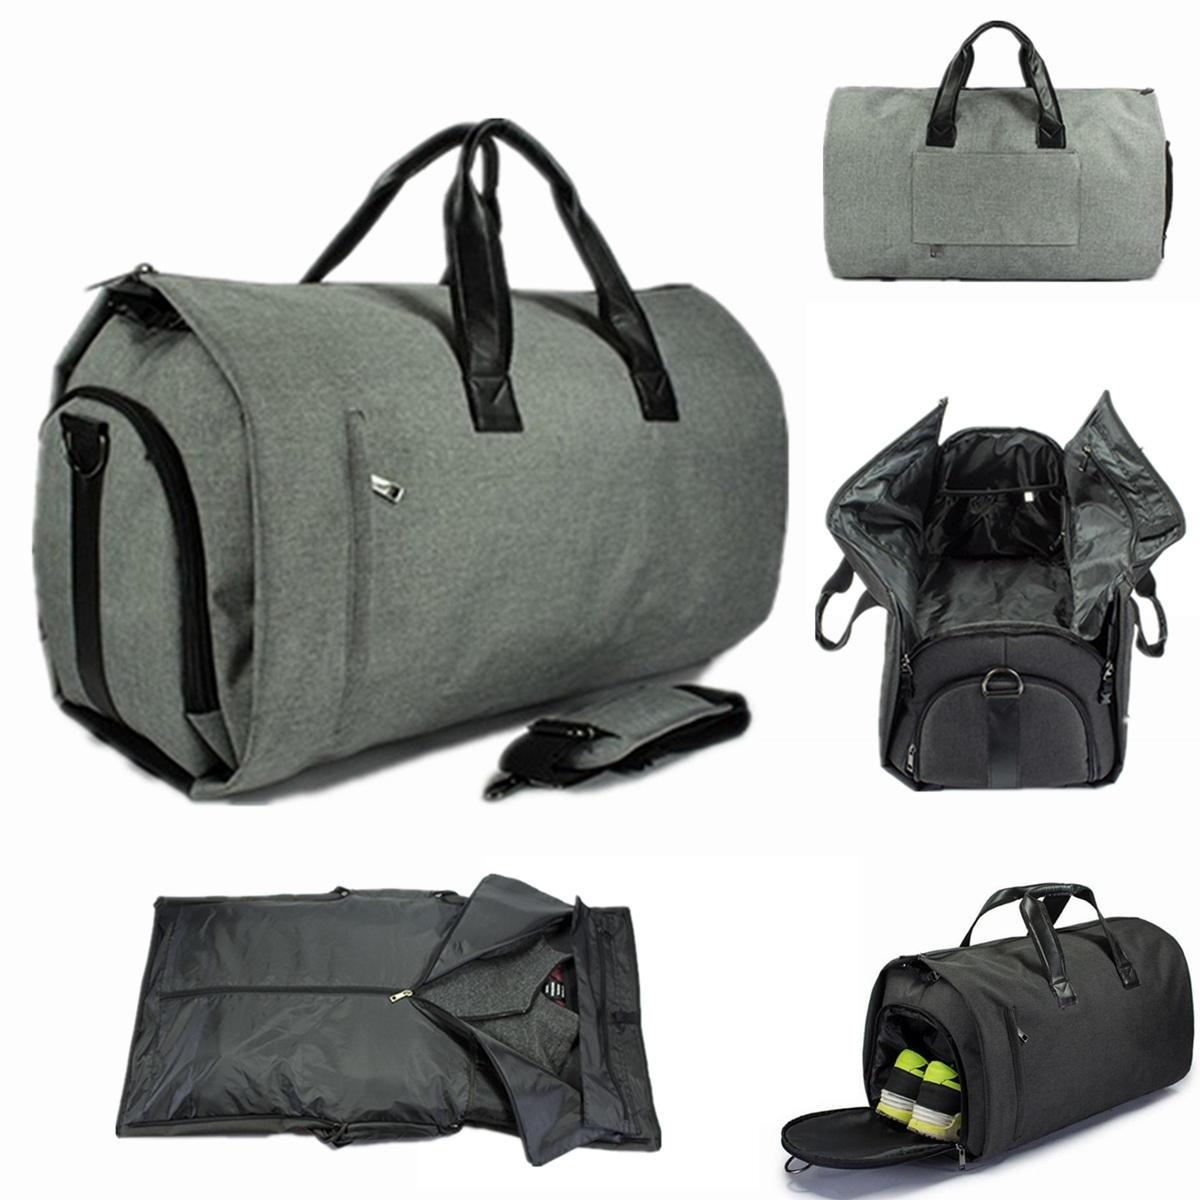 Män Business Travel Plagg Stor multifunktionell handväska Bagage Bag Duffle